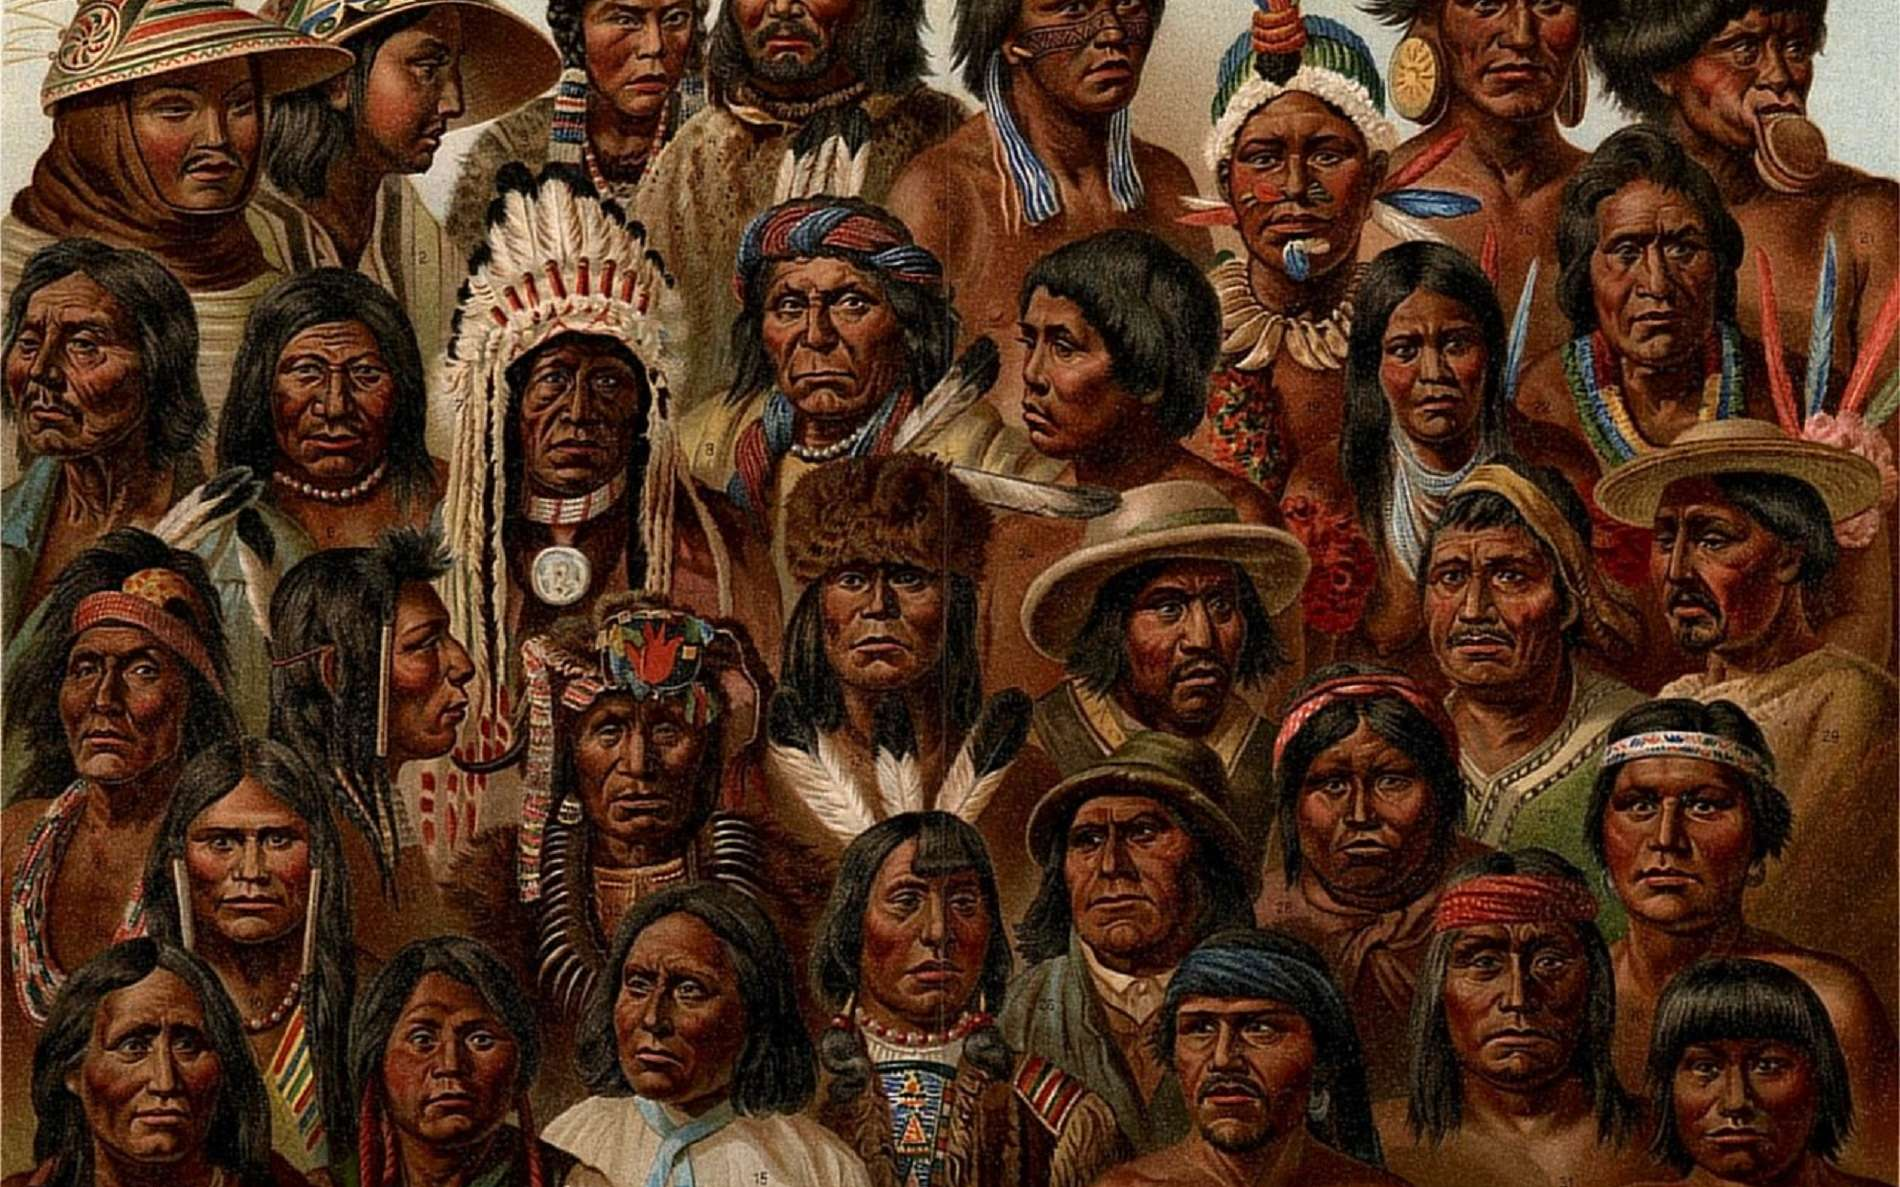 Tableau de portraits d'Amérindiens ''Peuples autochtones d'Amérique'', vers 1885. Photo G. Mützel. © Wikimedia Commons, domaine public.